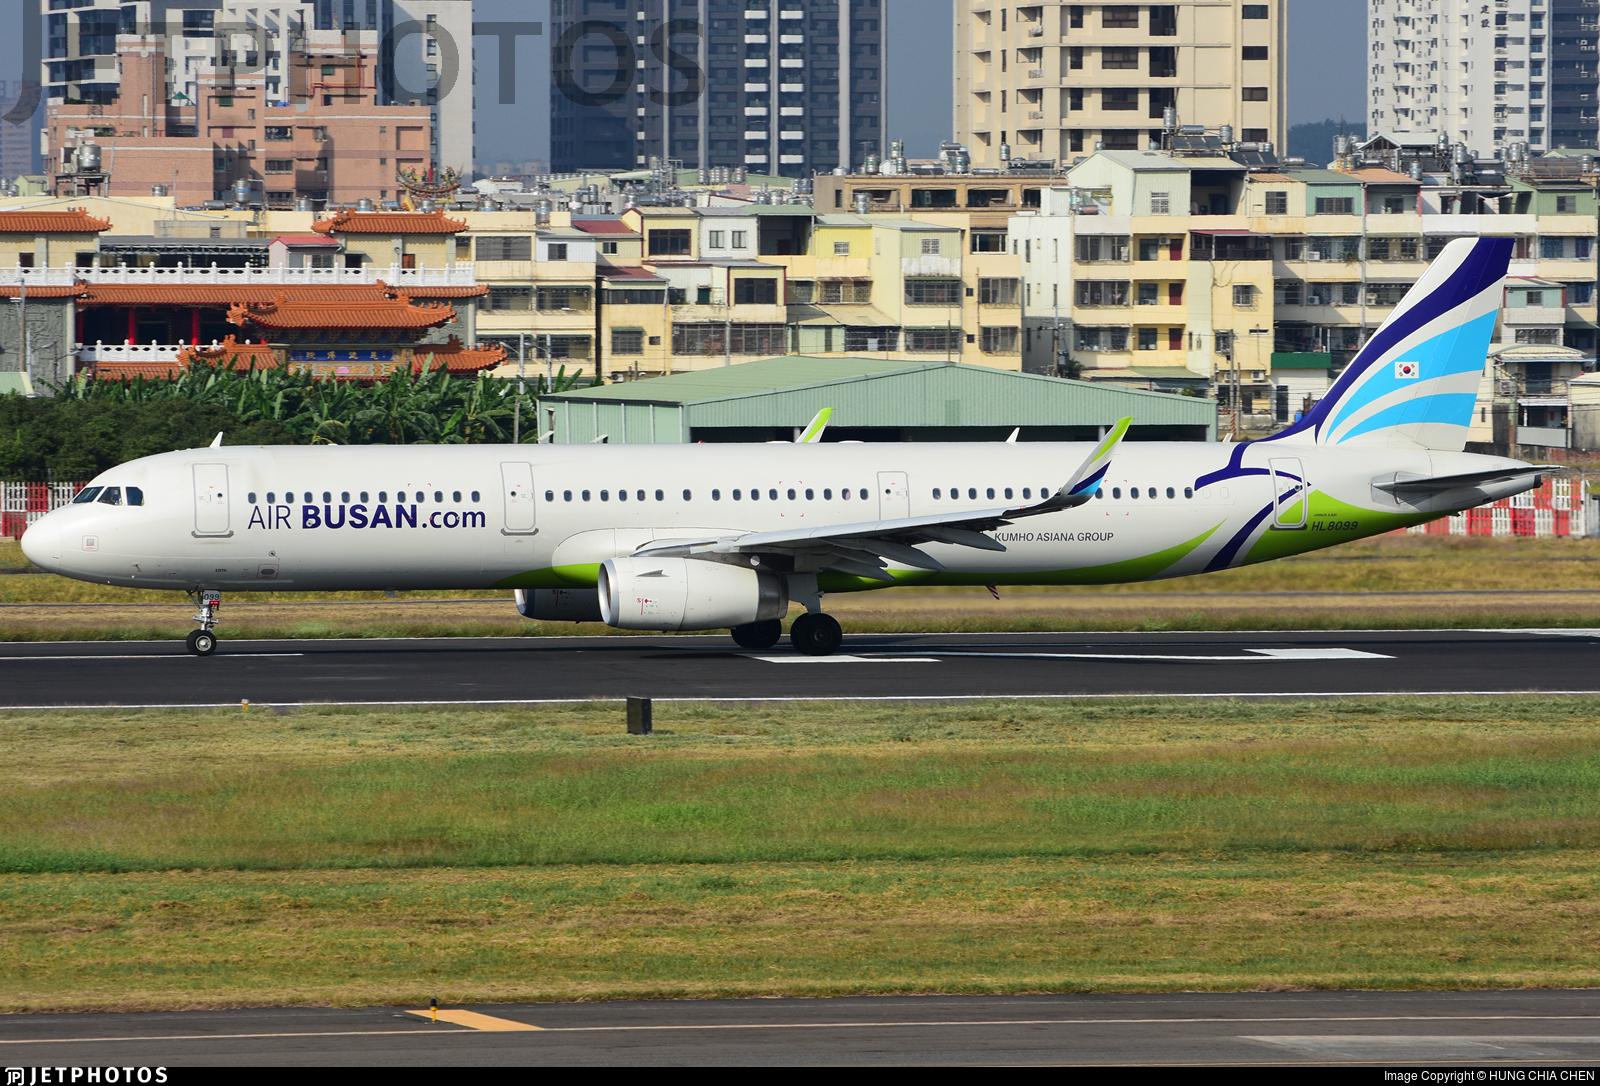 HL8099 - Airbus A321-231 - Air Busan